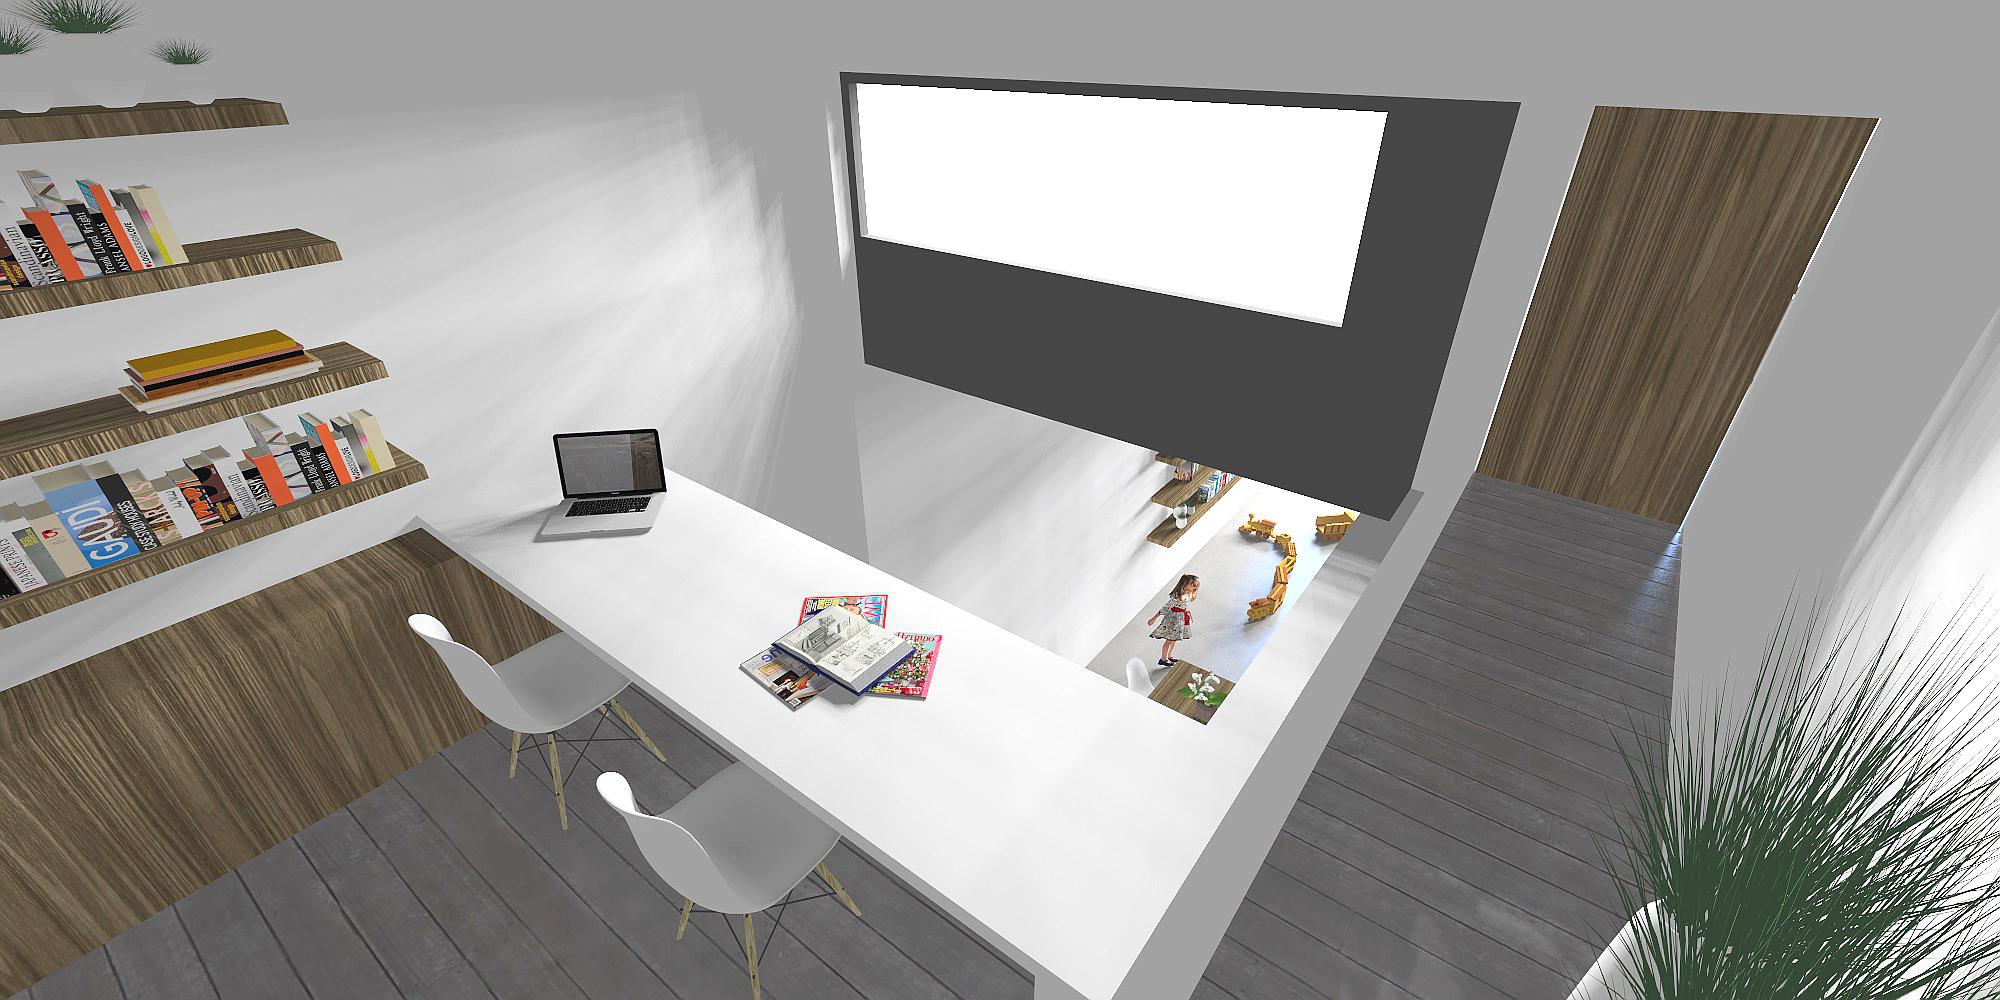 15_001_DL 3D 06.jpg